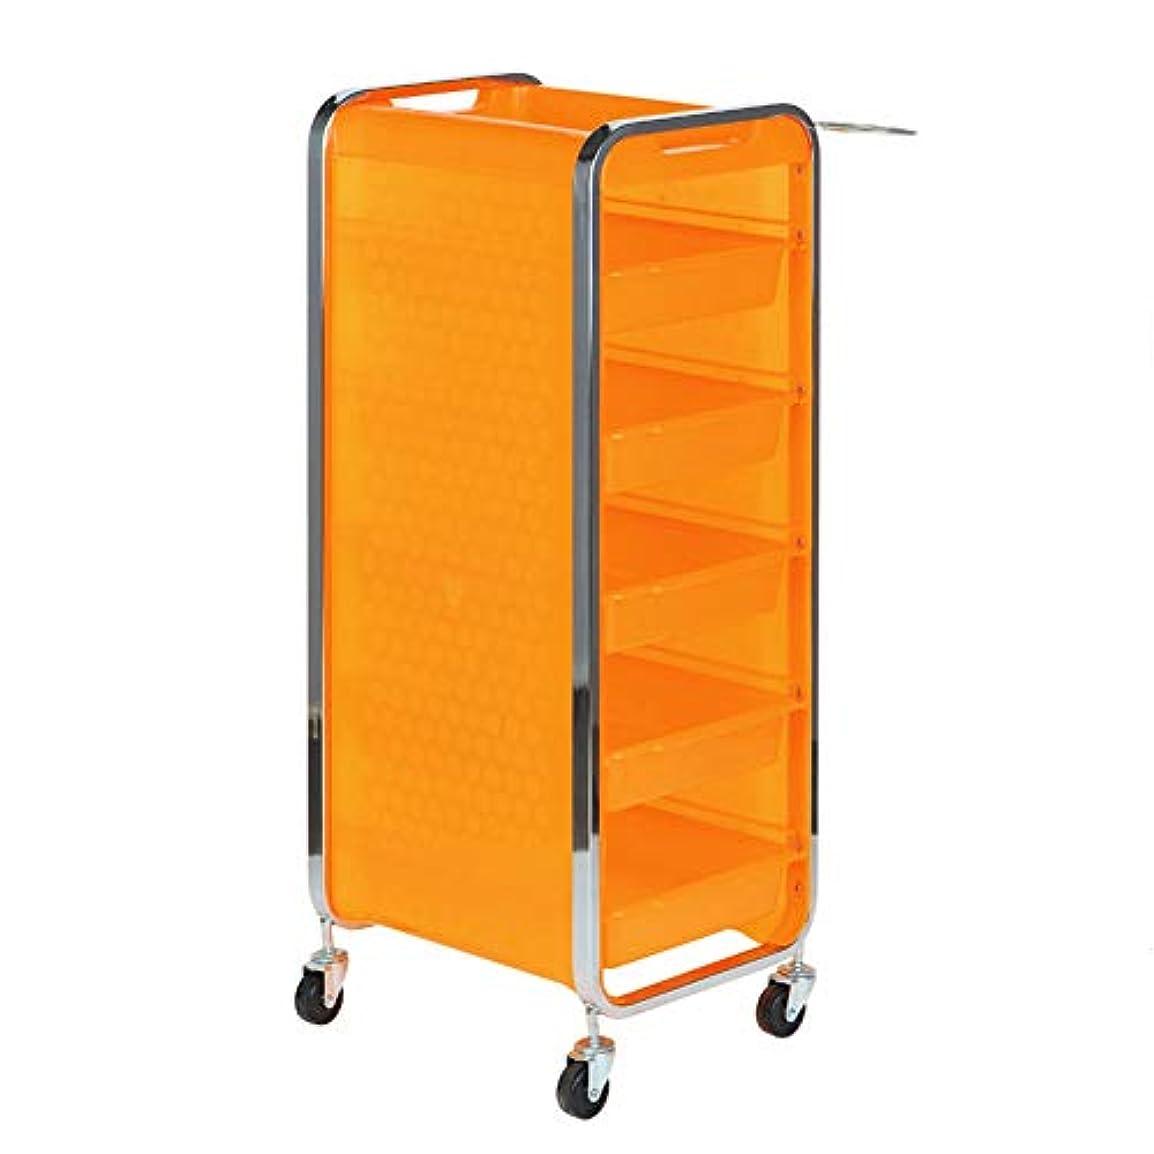 サロン美容院トロリー美容美容収納カート6層トレイ多機能引き出し虹色,Orange,A